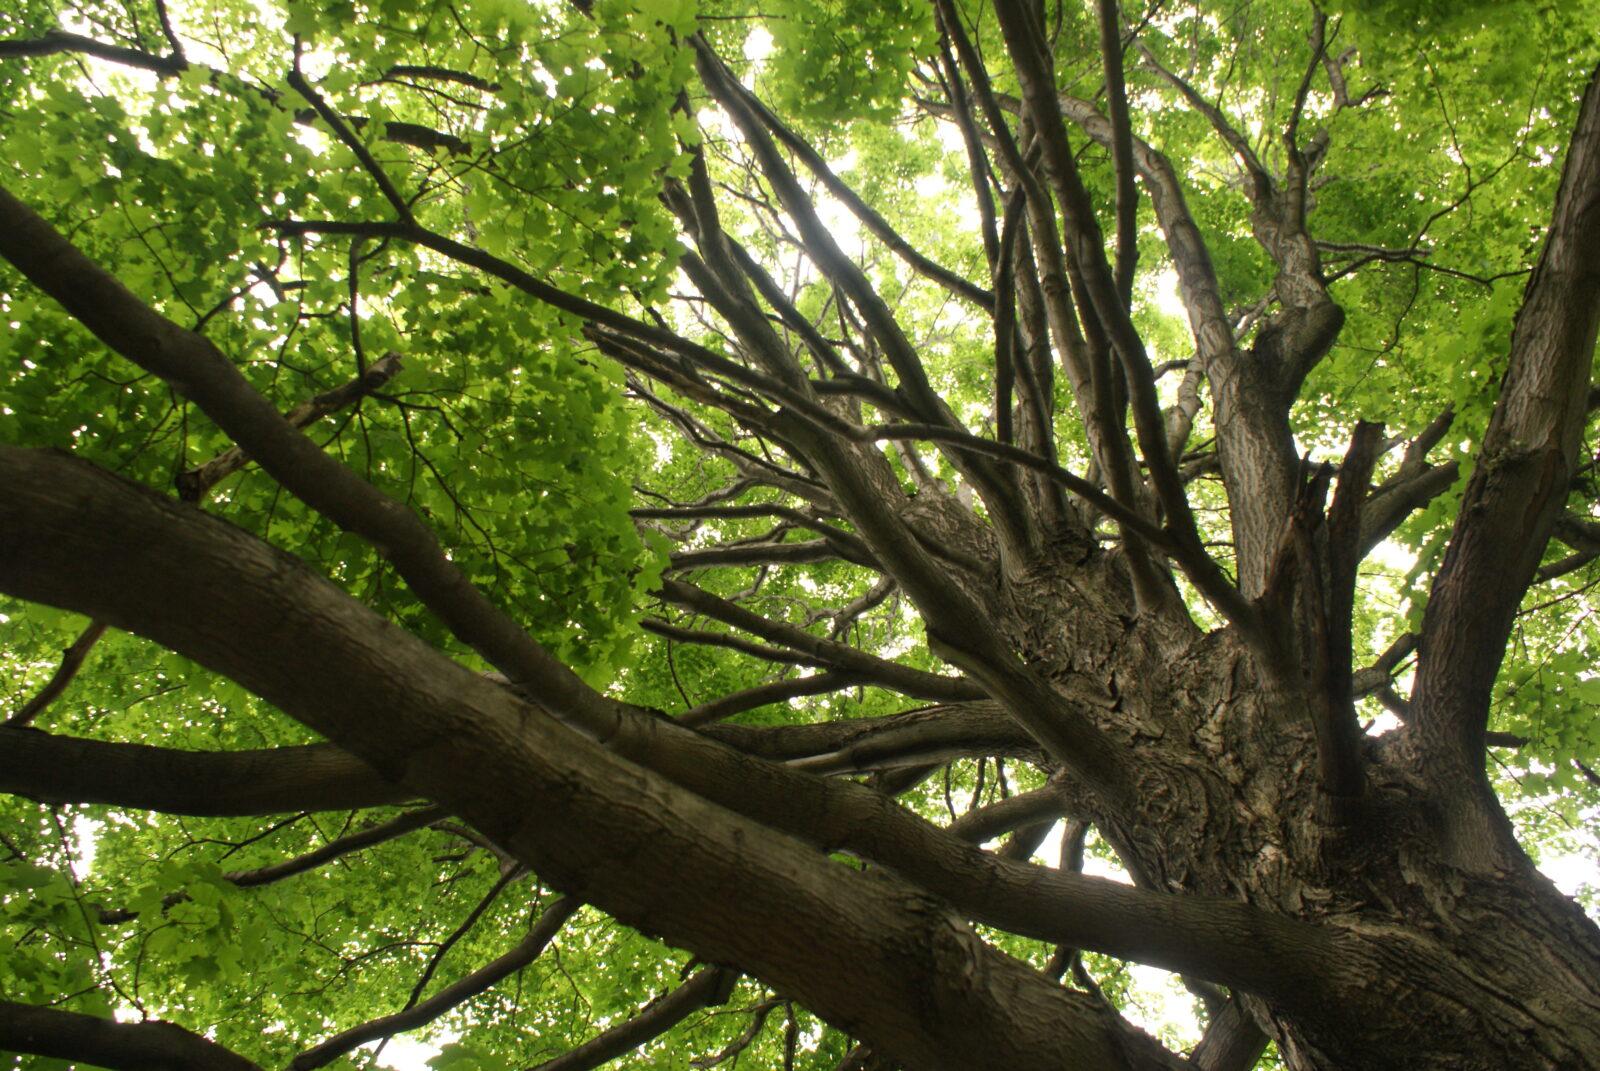 Trees of Ohio